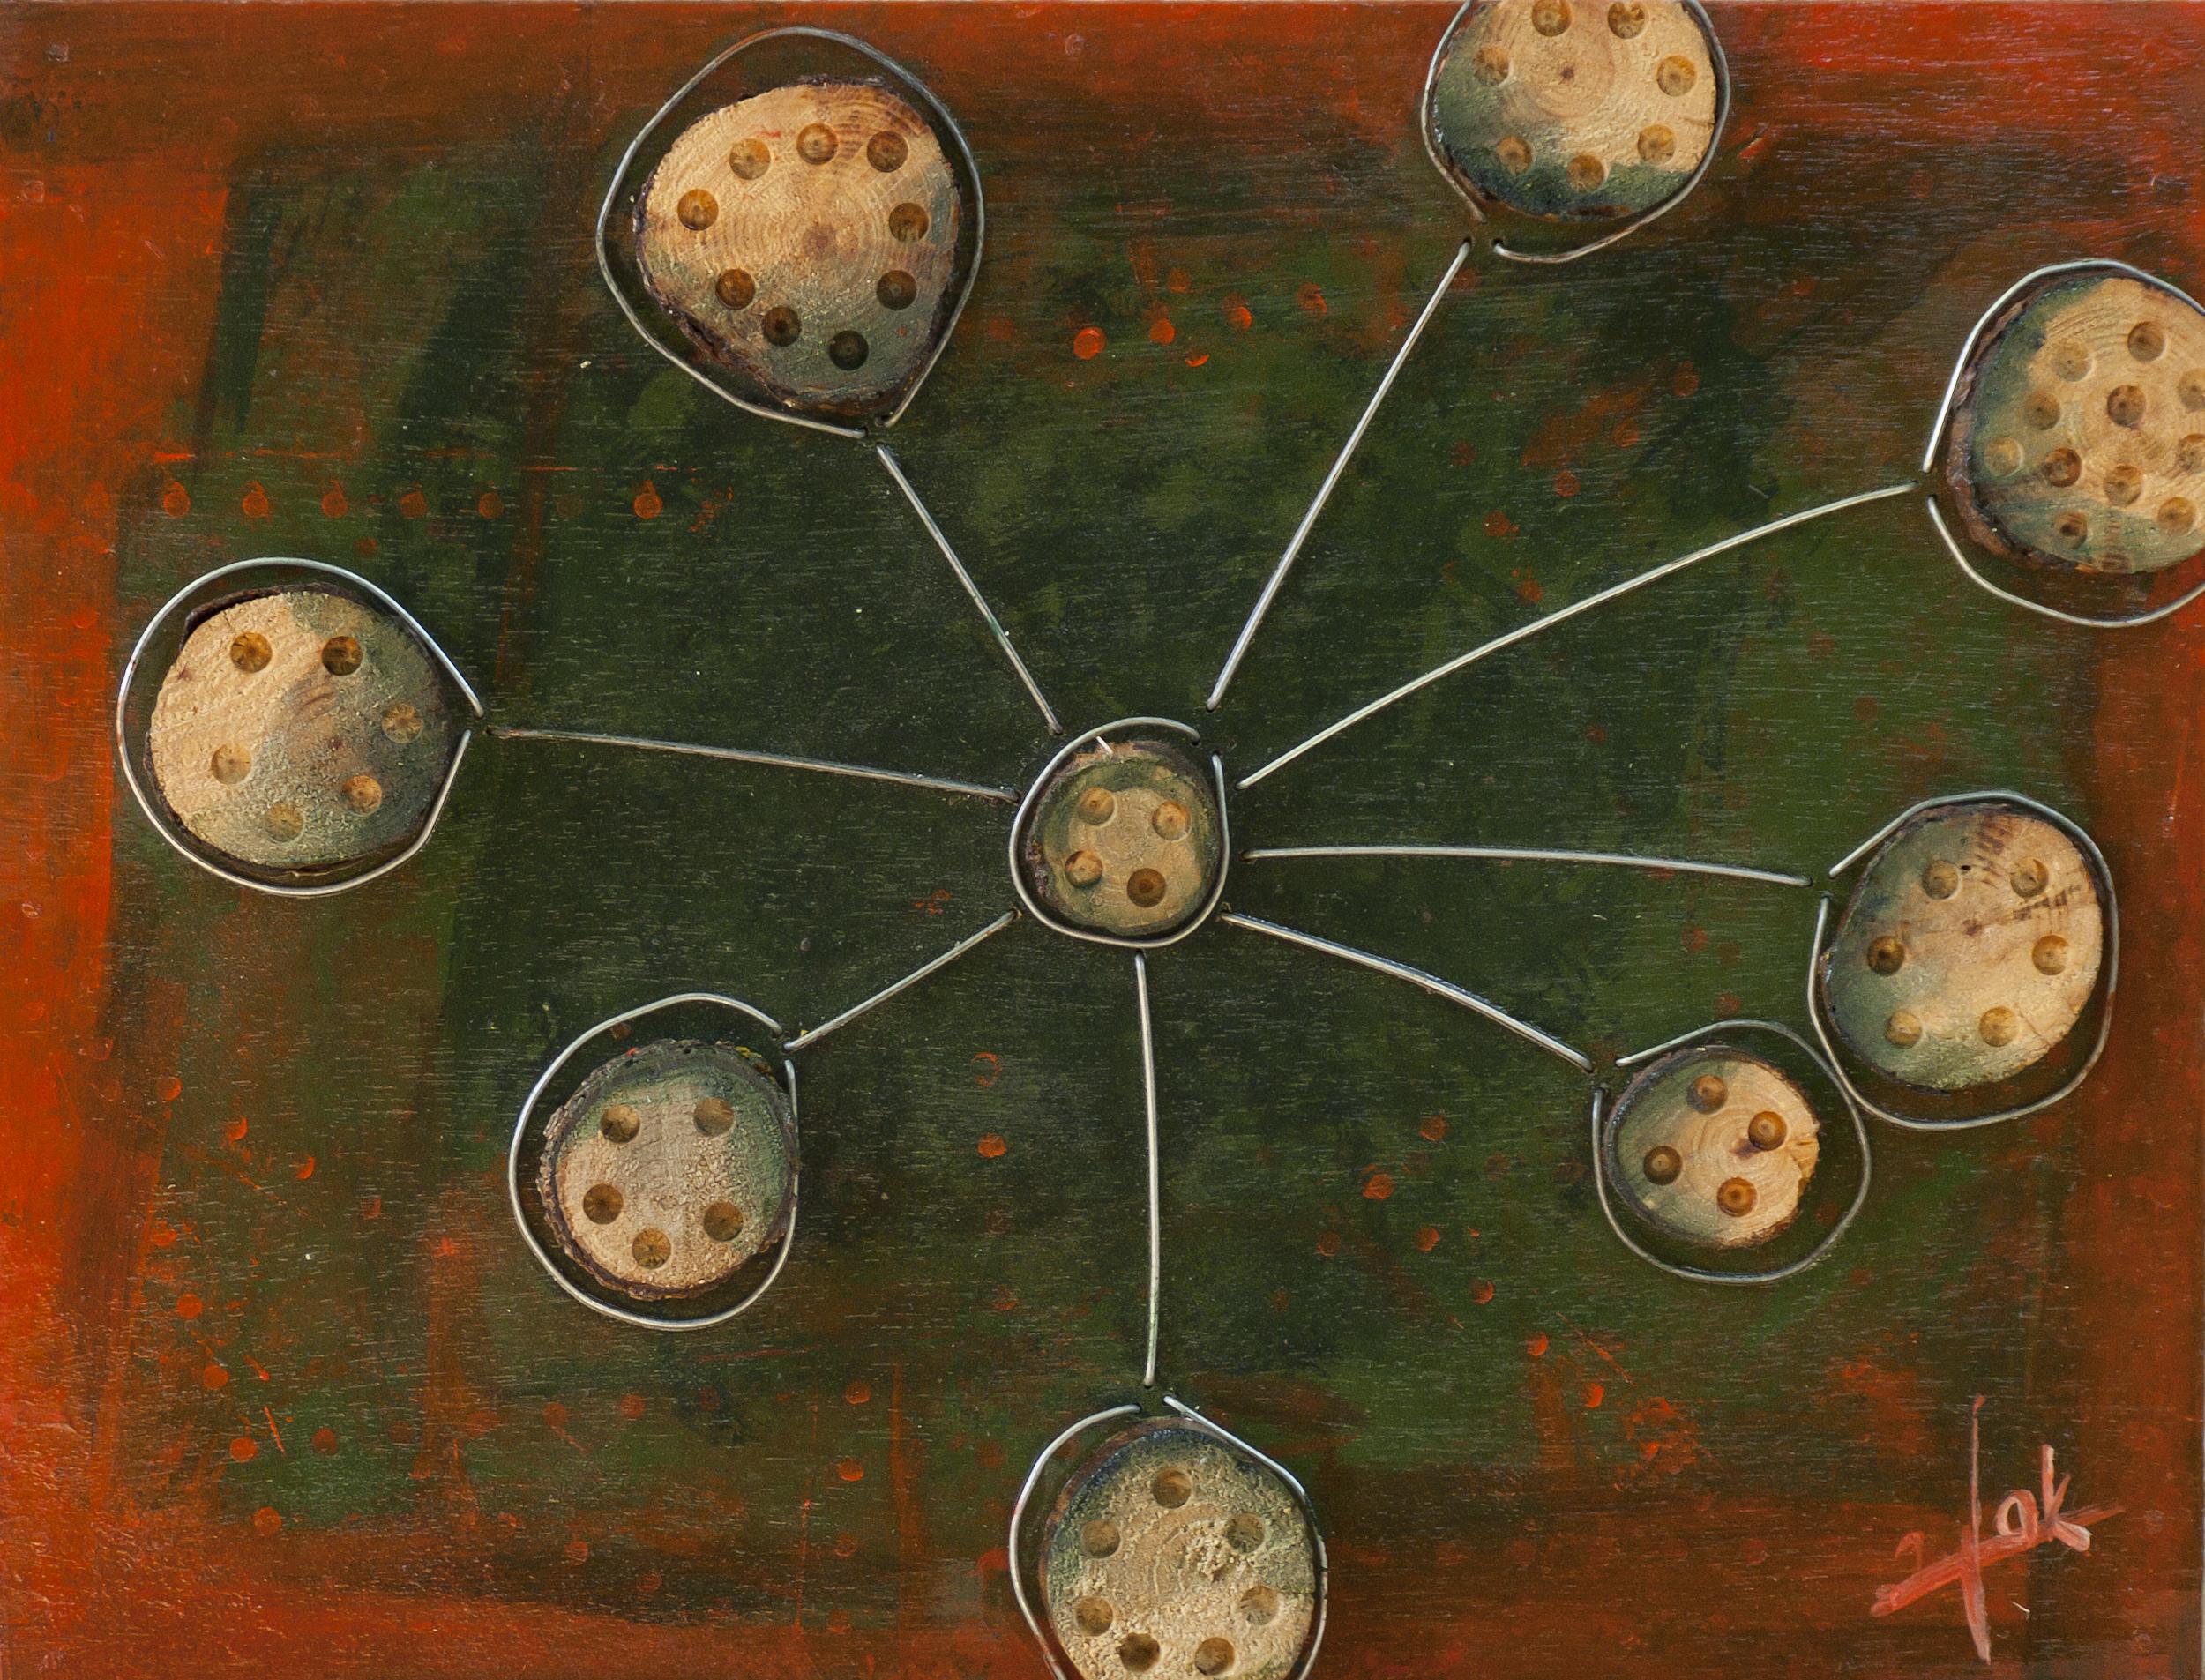 אומנות בעץ | קומפוזיציה-ג